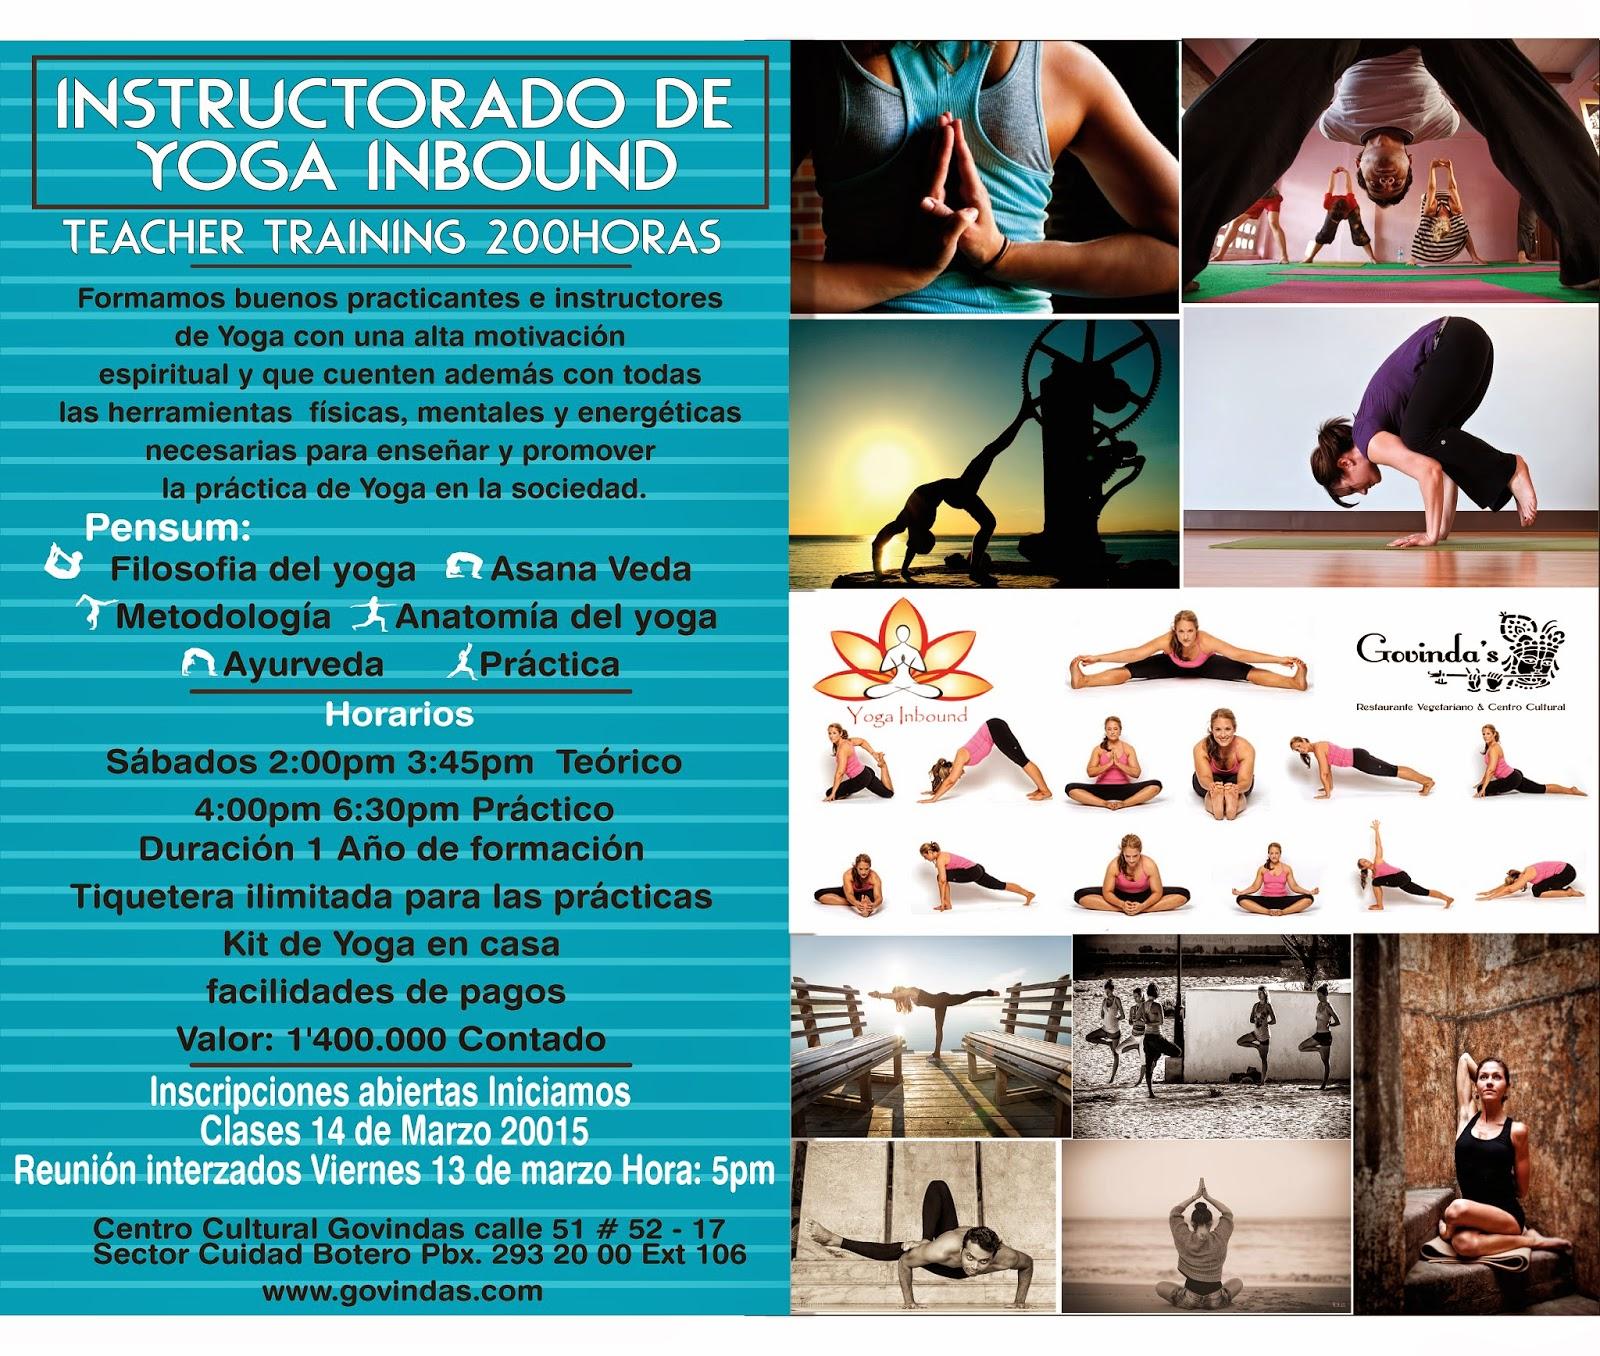 Instructorado de Yoga Inbound - Govindas Restaurante Vegetariano y ... aadfcd48dfd0